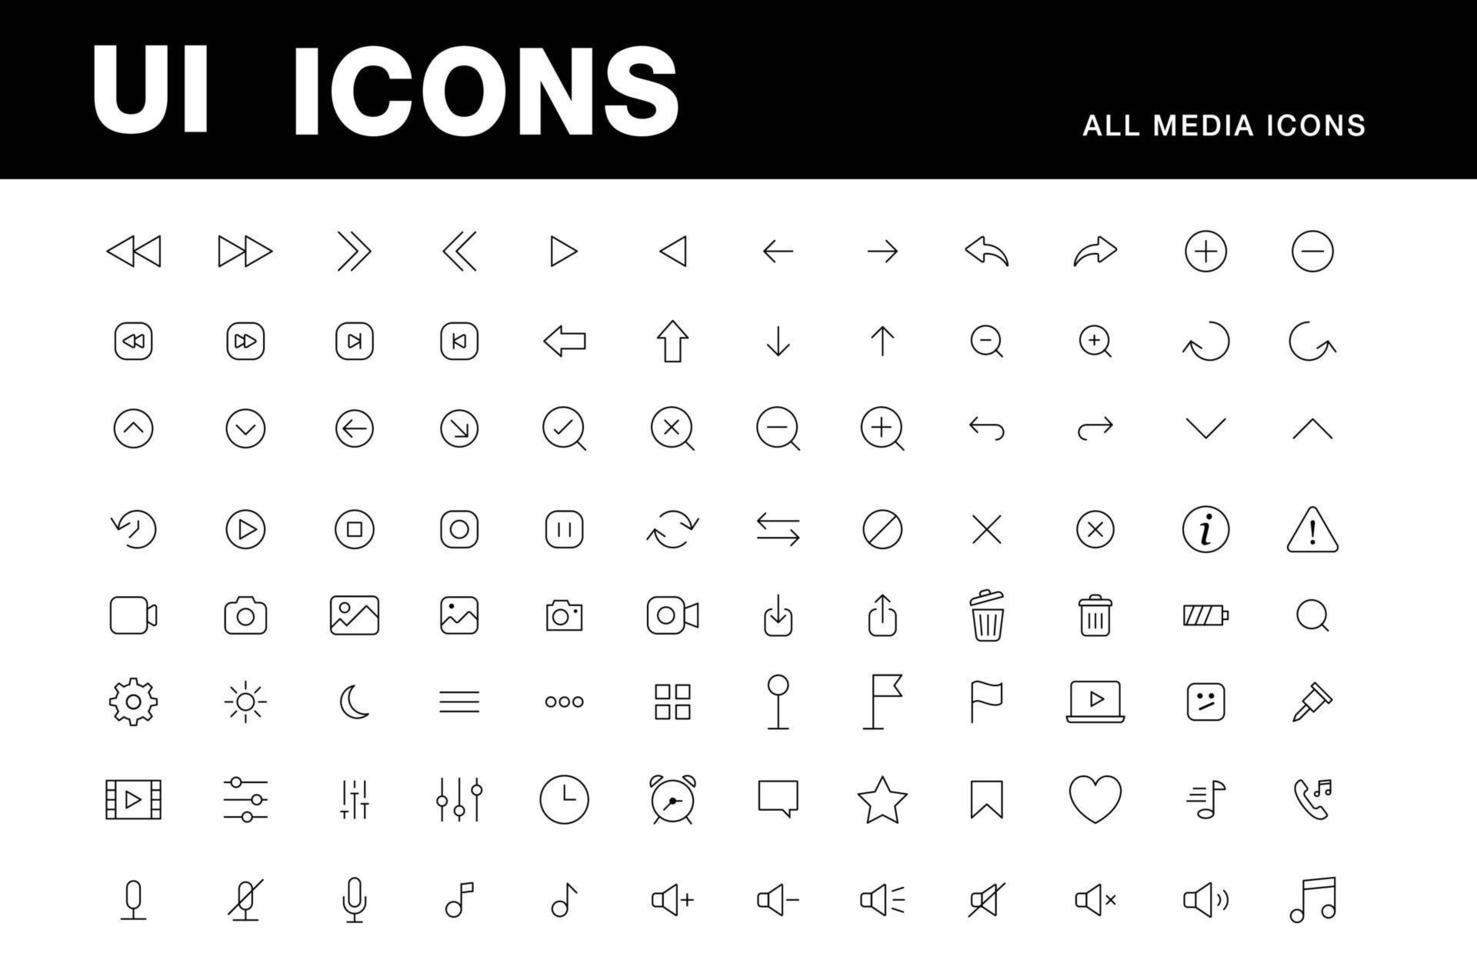 ui ikoner mediaspelare vektor ställa in alla viktiga ikoner spela pilar, paus, volym, inspelare, dator, galet